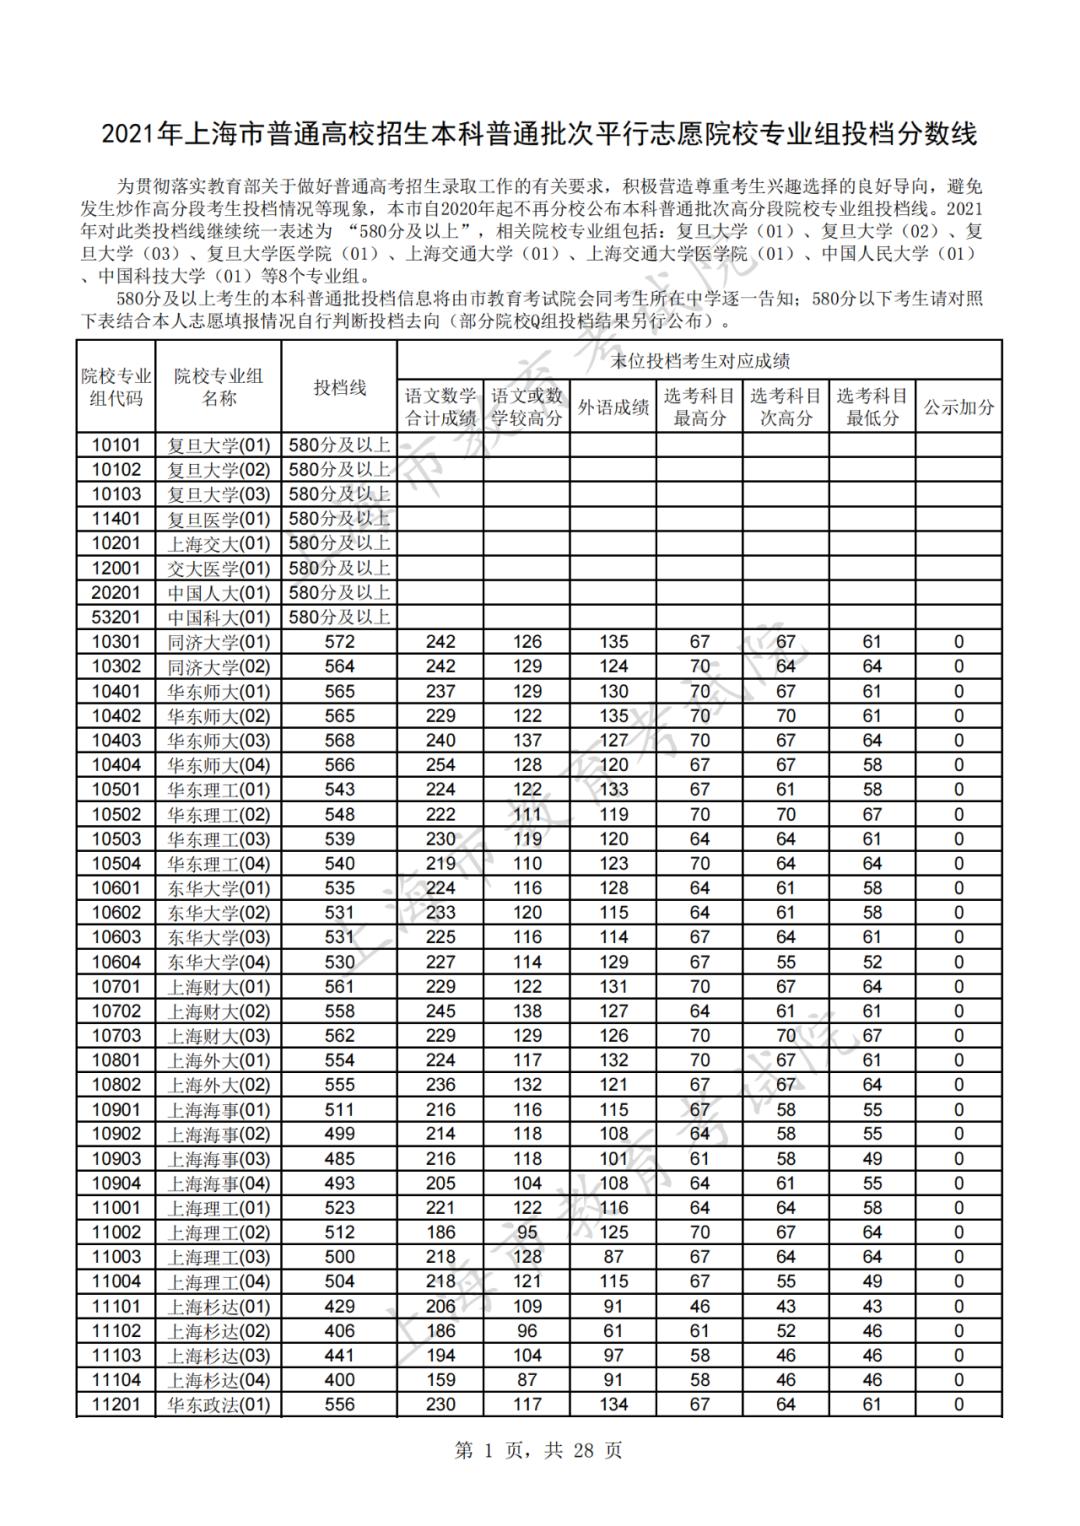 2021年沪本科普通批次平行志愿院校专业组投档分数线新鲜出炉